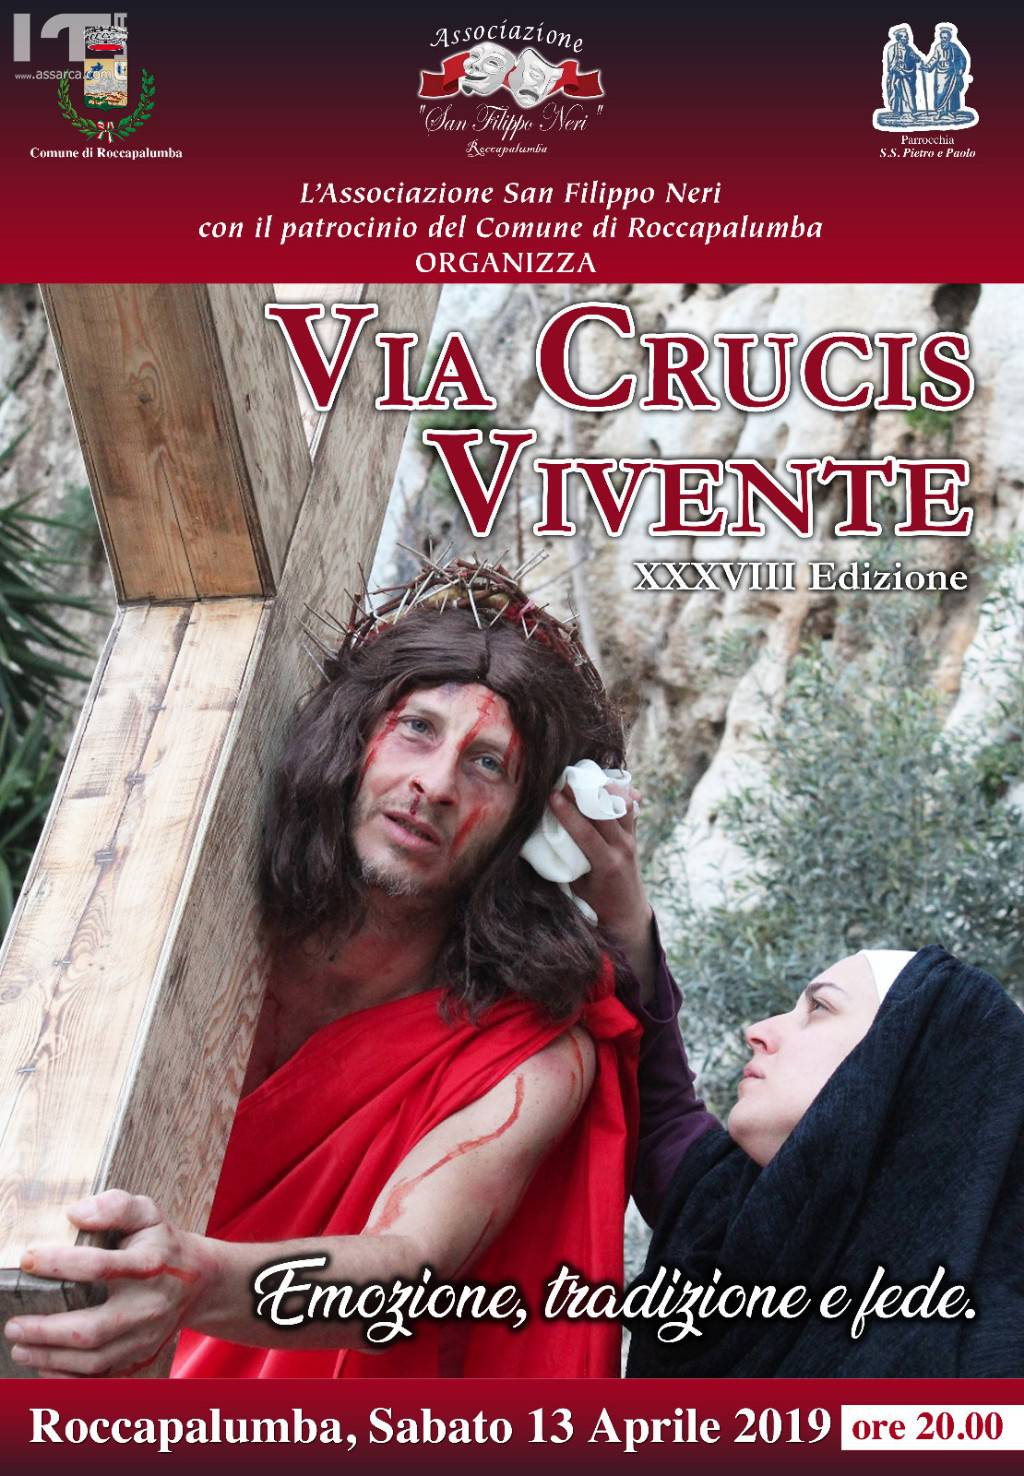 XXXVIII  EDIZIONE DELLA VIA CRUCIS VIVENTE.